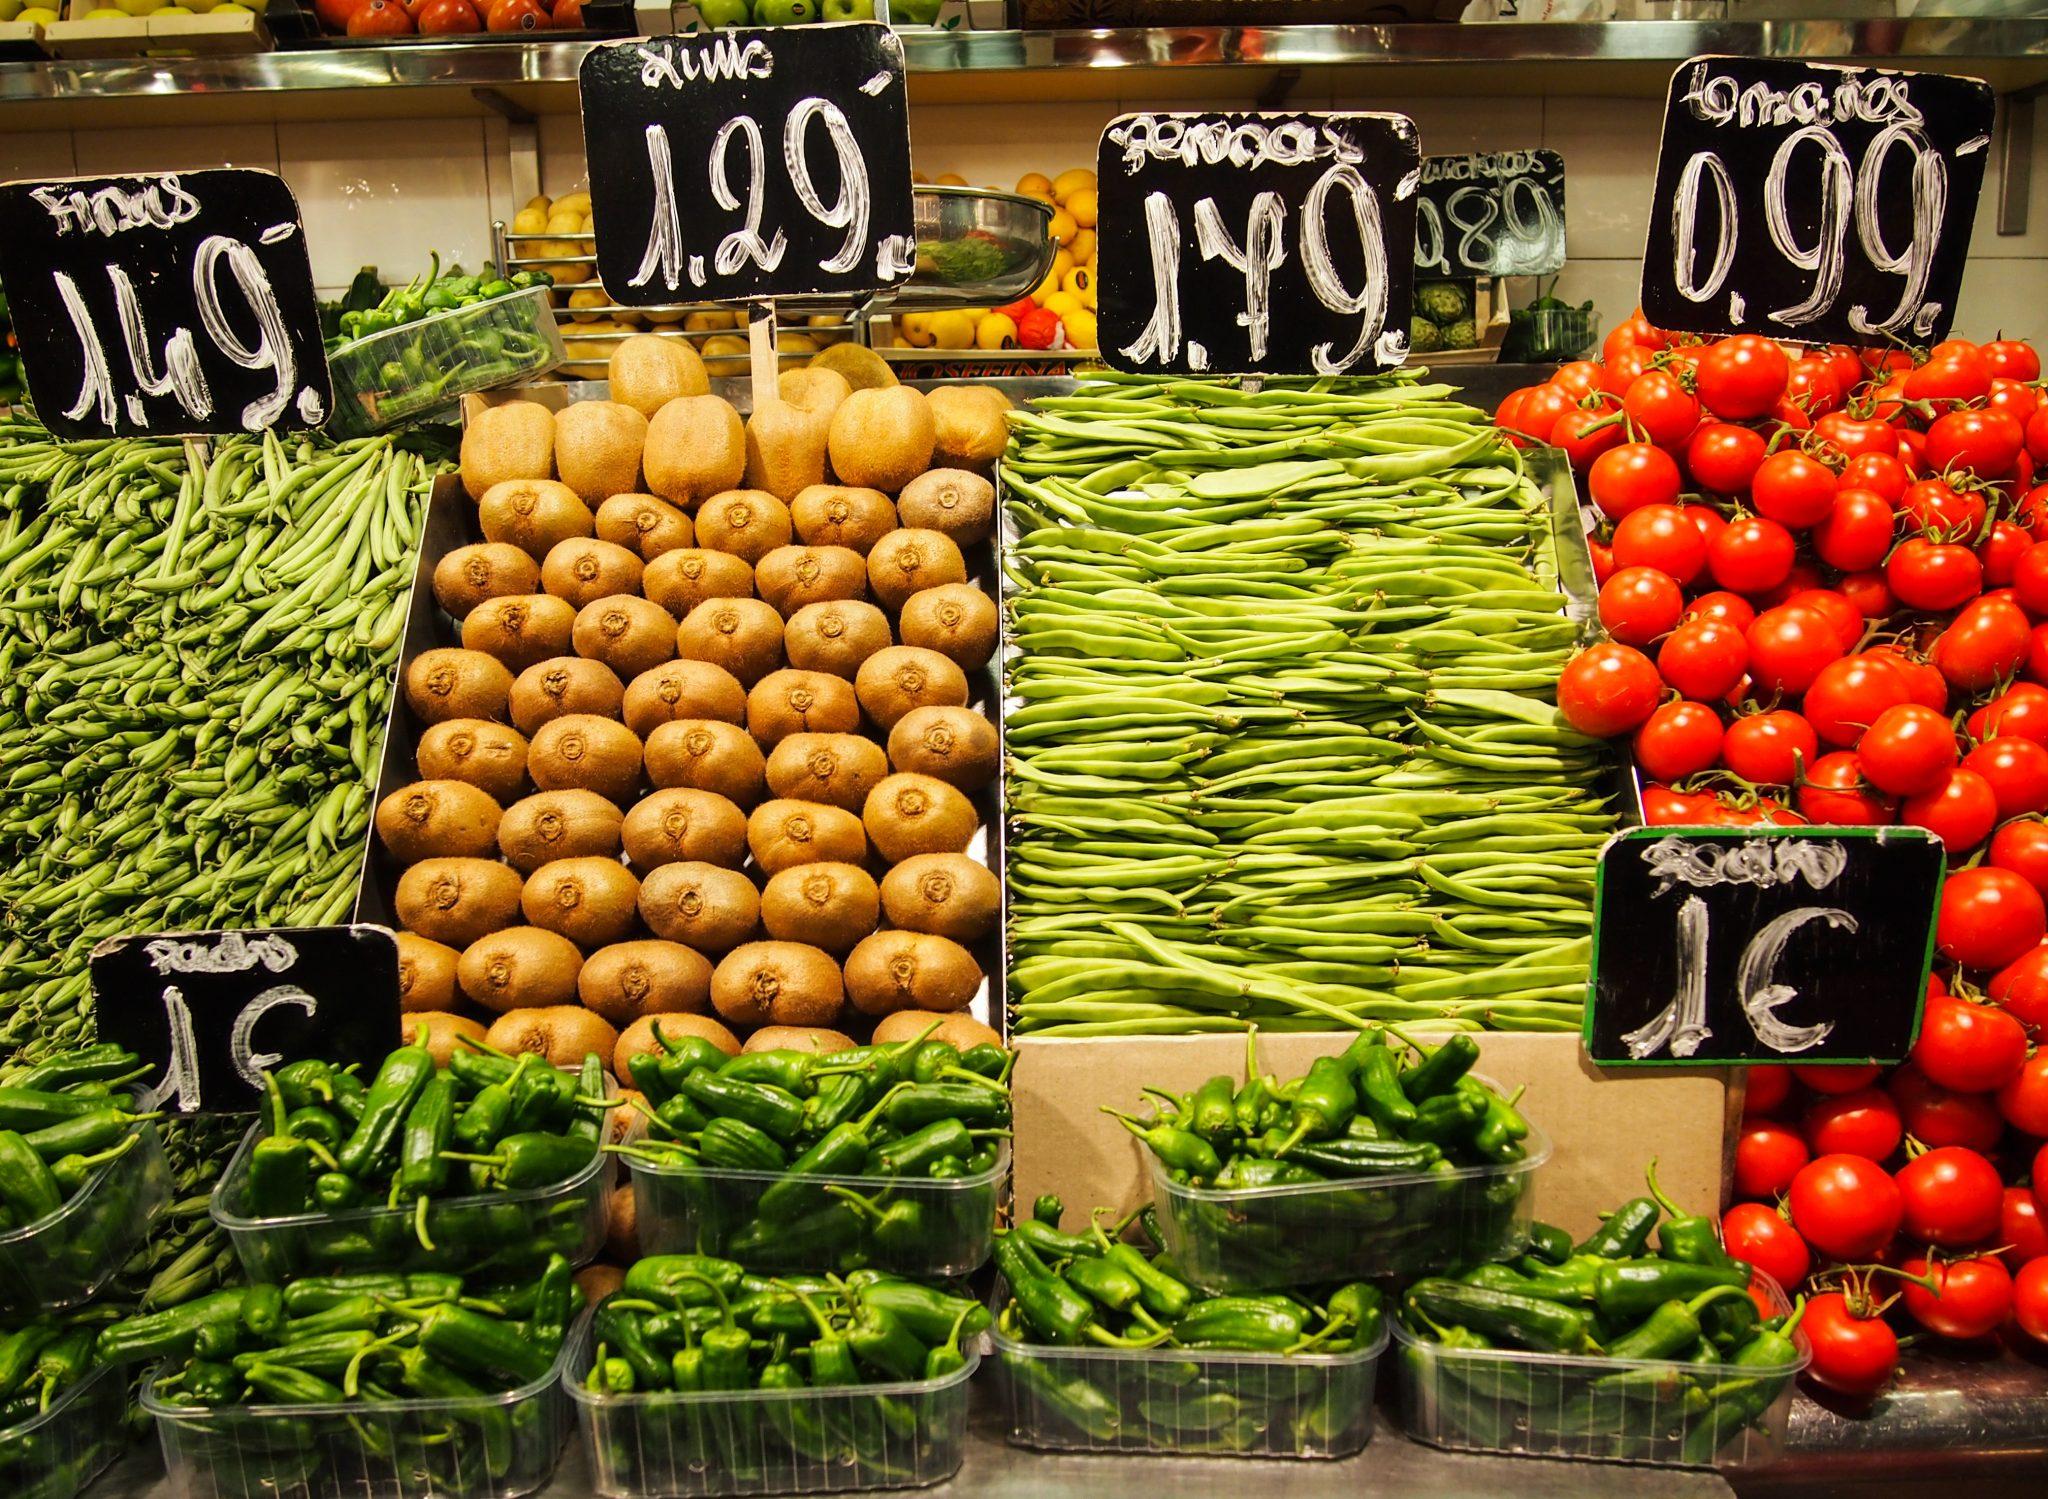 la boqueria Markt Barcelona